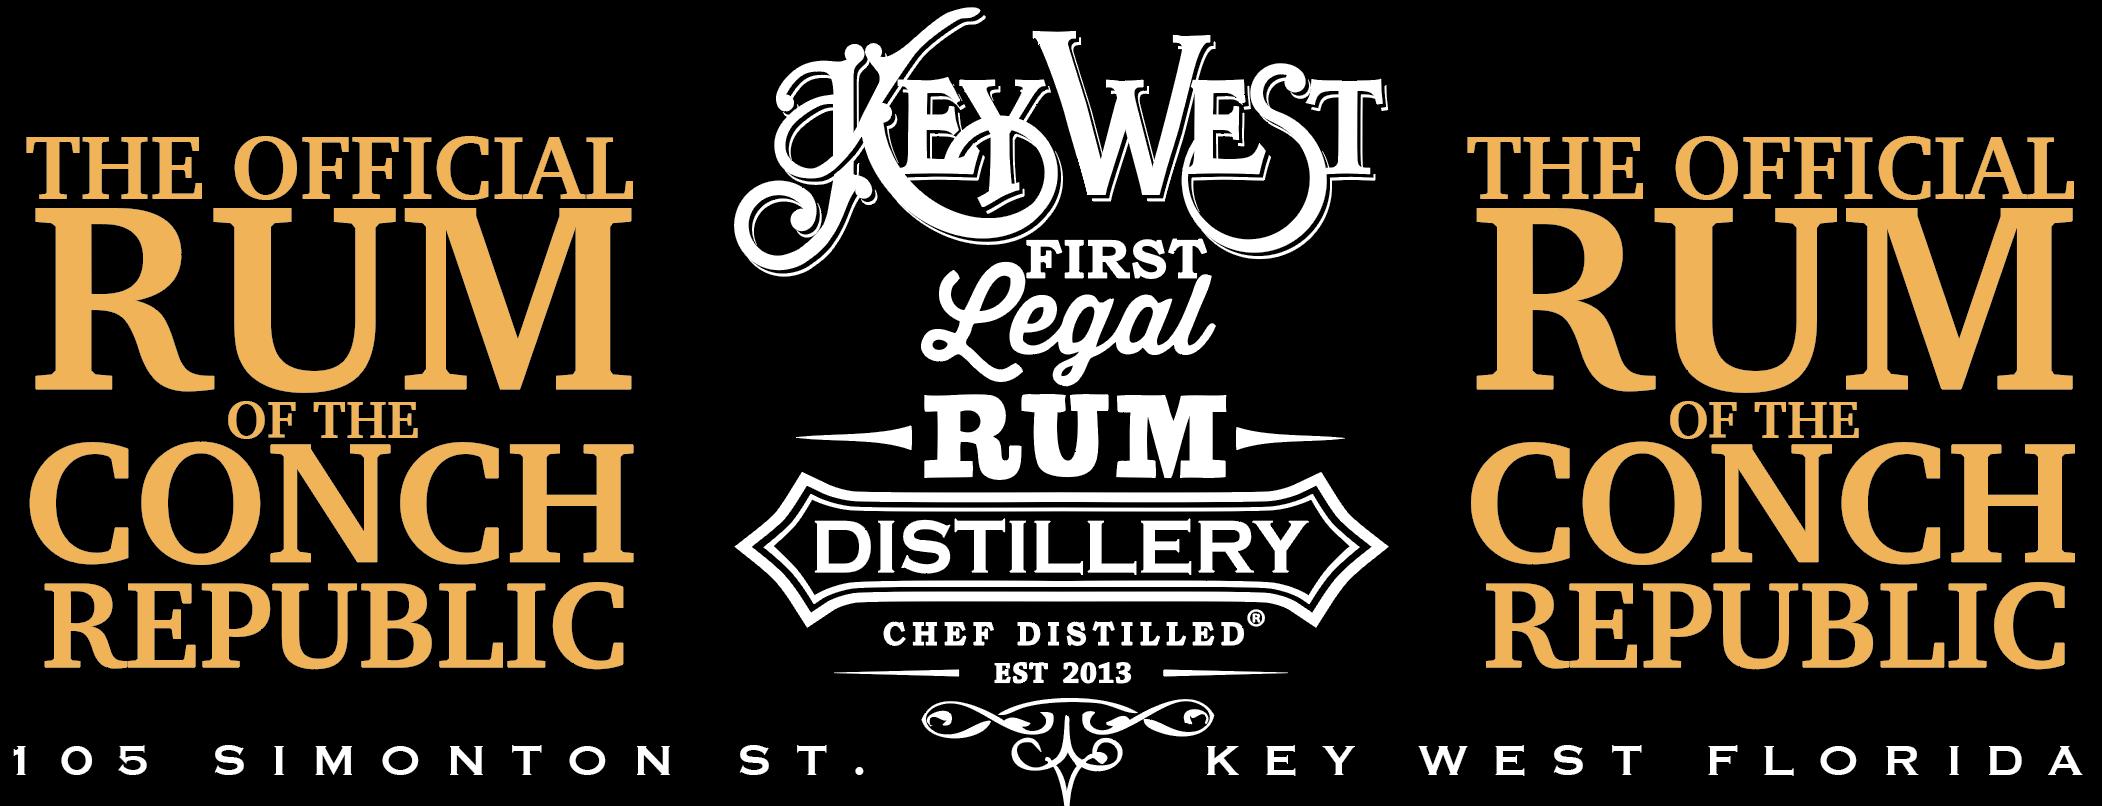 key west legal rum distillery paul menta kiteboarder.png